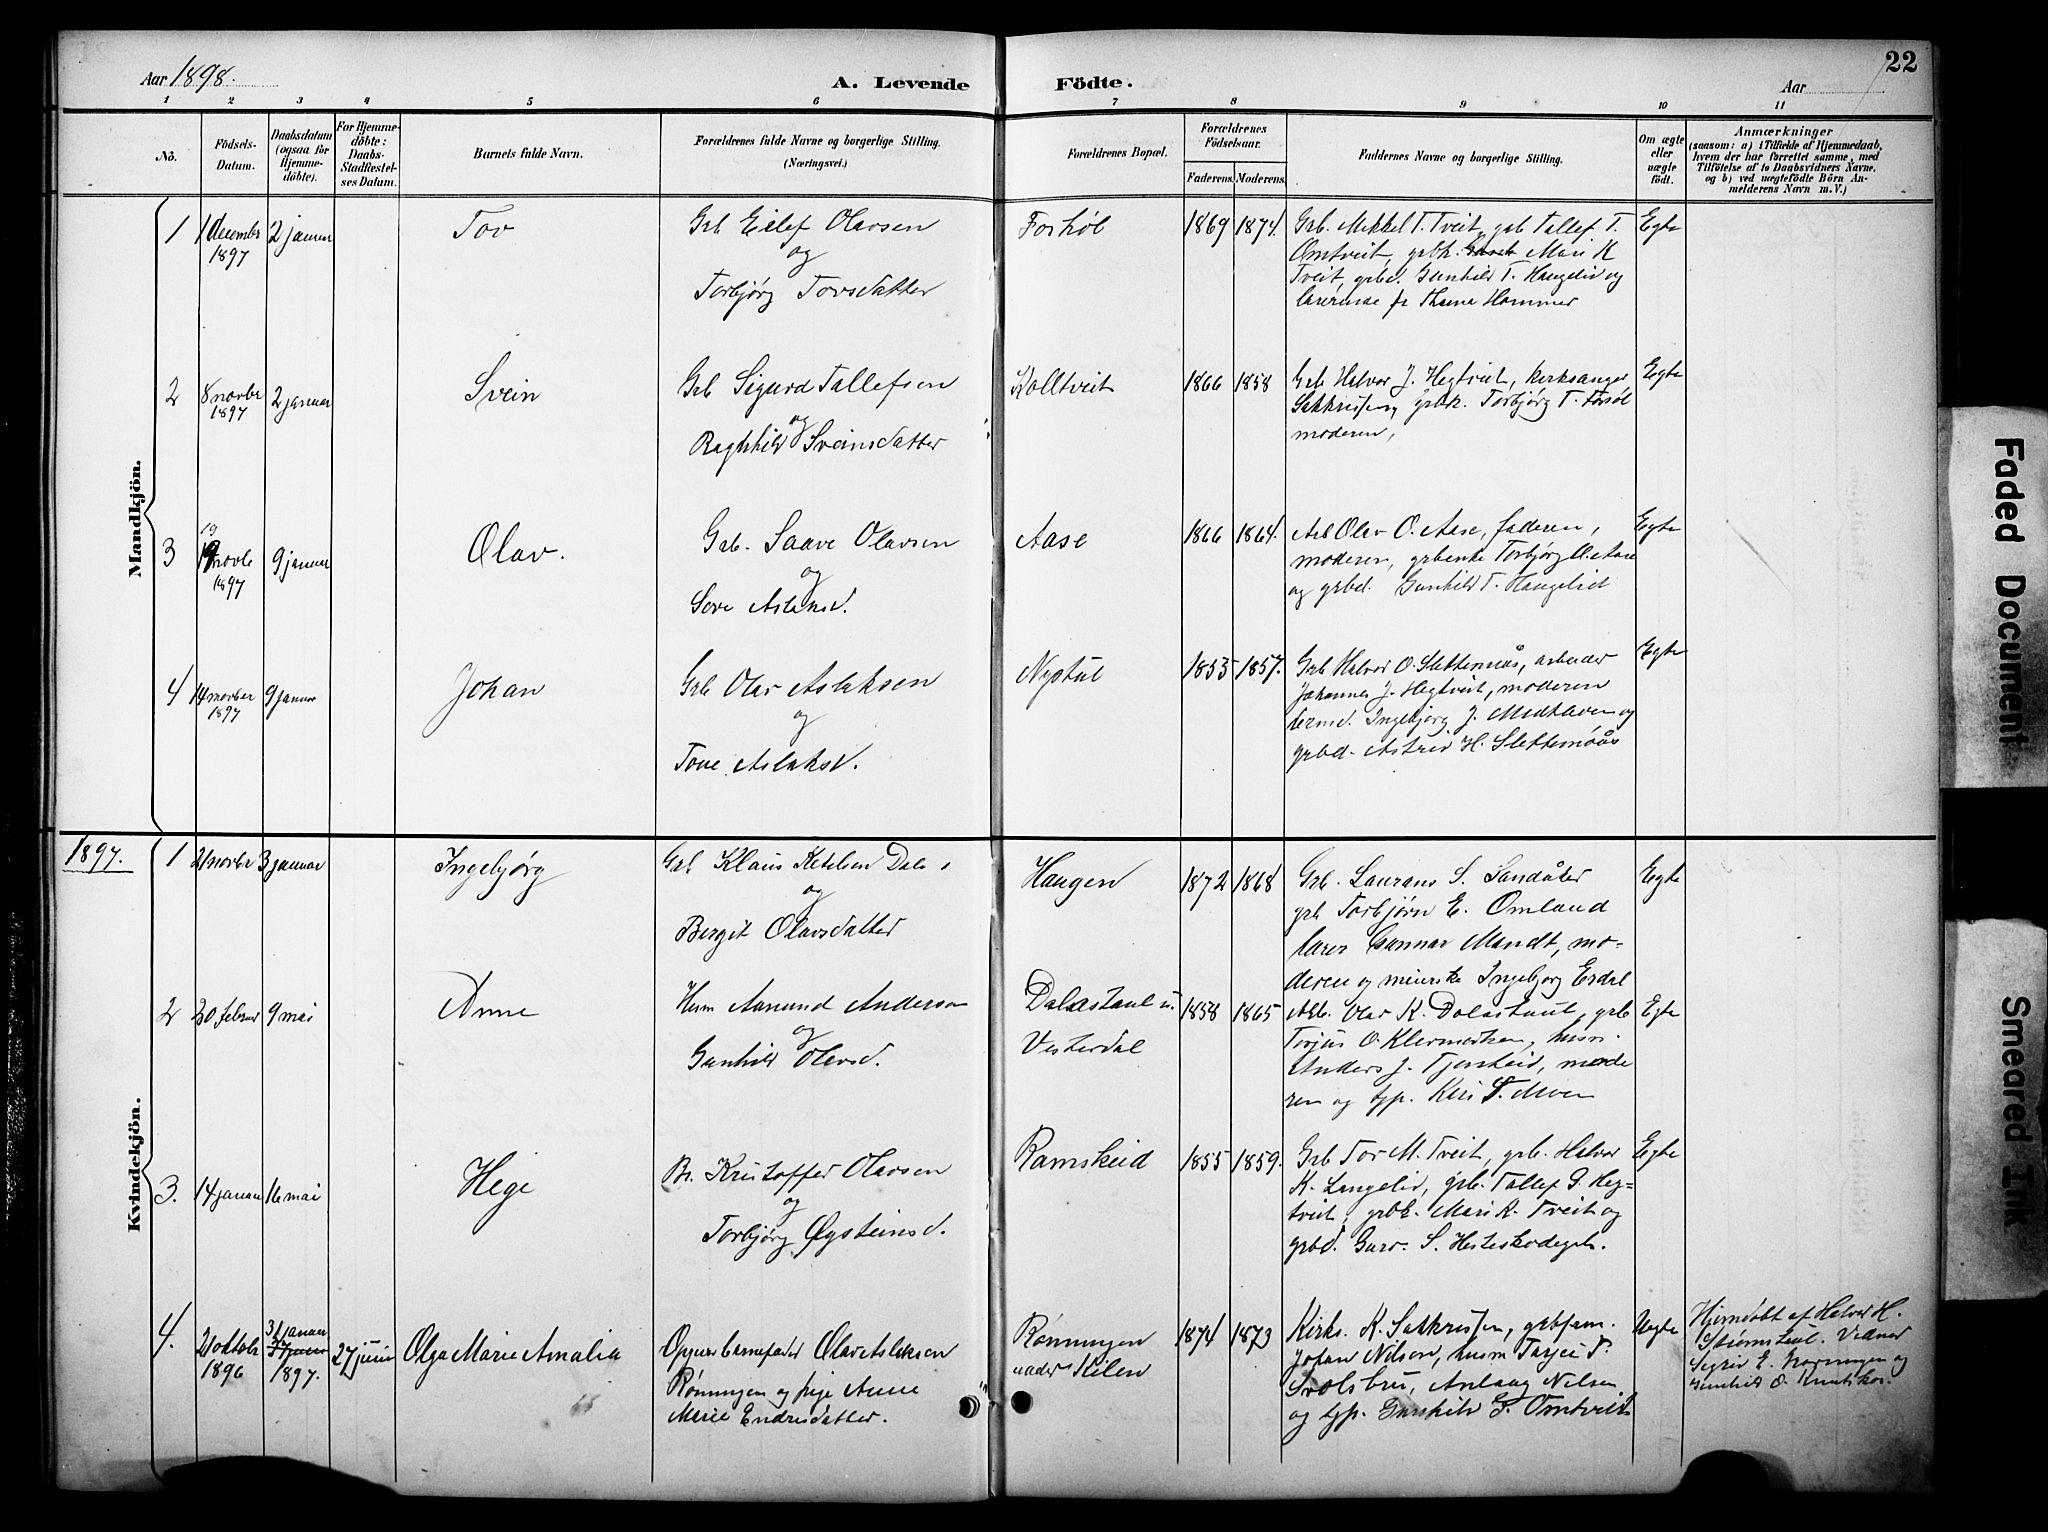 SAKO, Kviteseid kirkebøker, G/Gb/L0003: Klokkerbok nr. II 3, 1893-1933, s. 22